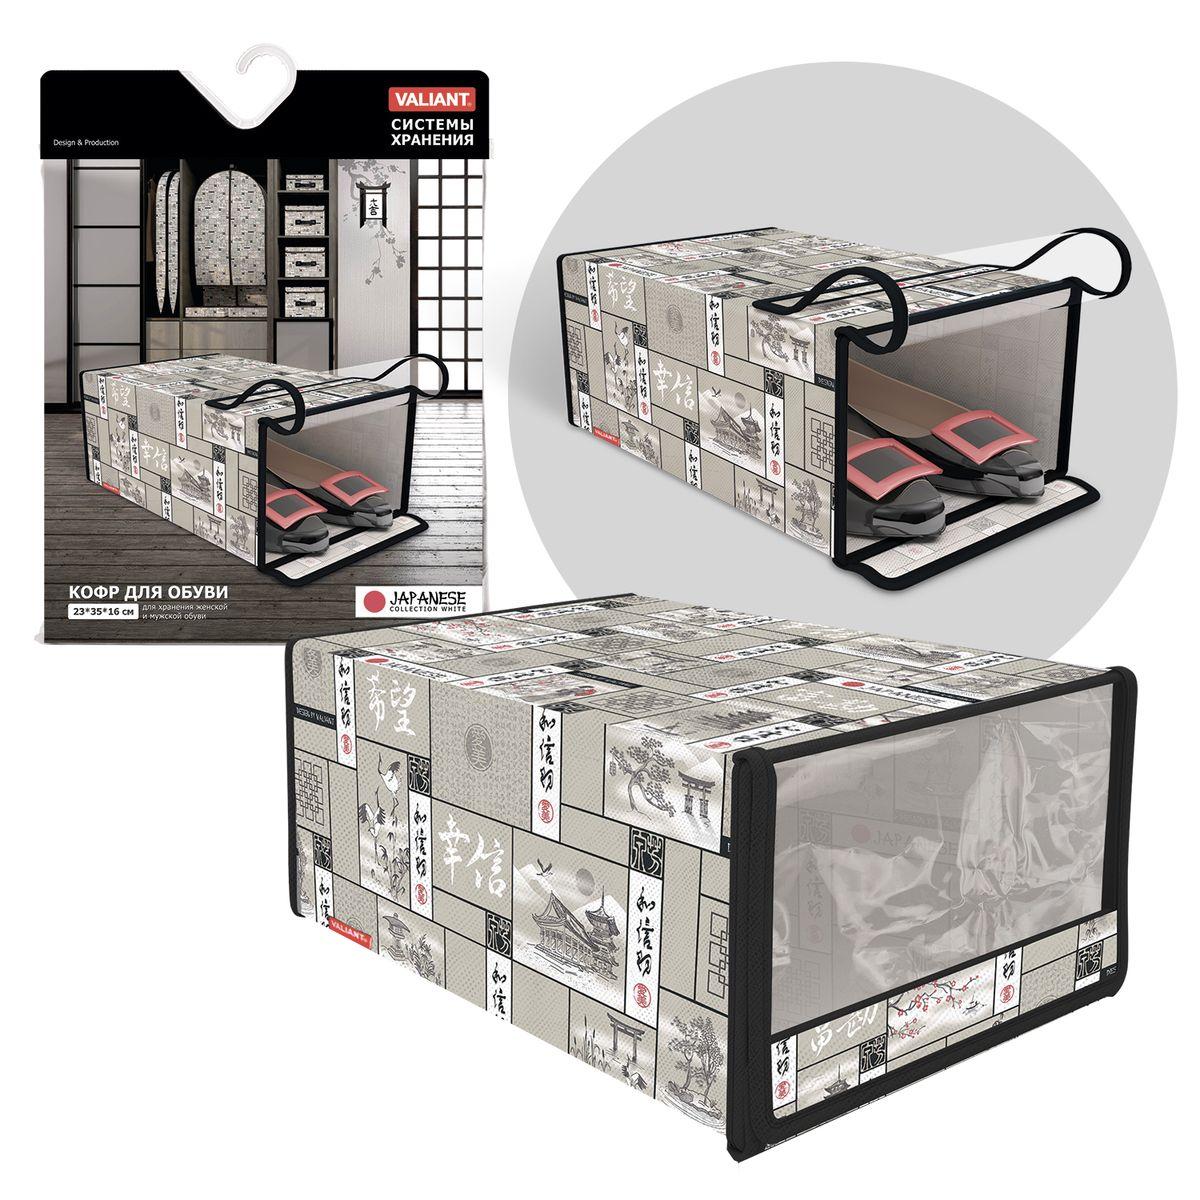 Кофр для хранения обуви Valiant Japanese White, 23 х 35 х 16 смS03301004Кофр Valiant Japanese White изготовлен из высококачественного нетканого материала с фирменным орнаментом, который позволяет сохранять естественную вентиляцию, а воздуху свободно проникать внутрь, не пропуская пыль. Благодаря специальной картонной вставке, кофр прекрасно держит форму, а эстетичный дизайн гармонично смотрится в любом интерьере. Изделие идеально подходит для хранения обуви. Мобильность конструкции обеспечивает складывание и раскладывание одним движением. Кофр Valiant Japanese White - это новый взгляд на систему хранения - теперь хранить вещи не только удобно, но и красиво. Прозрачная вставкаиз ПВХ позволяет видеть содержимое.Размер кофра: 23 х 35 х 16 см.